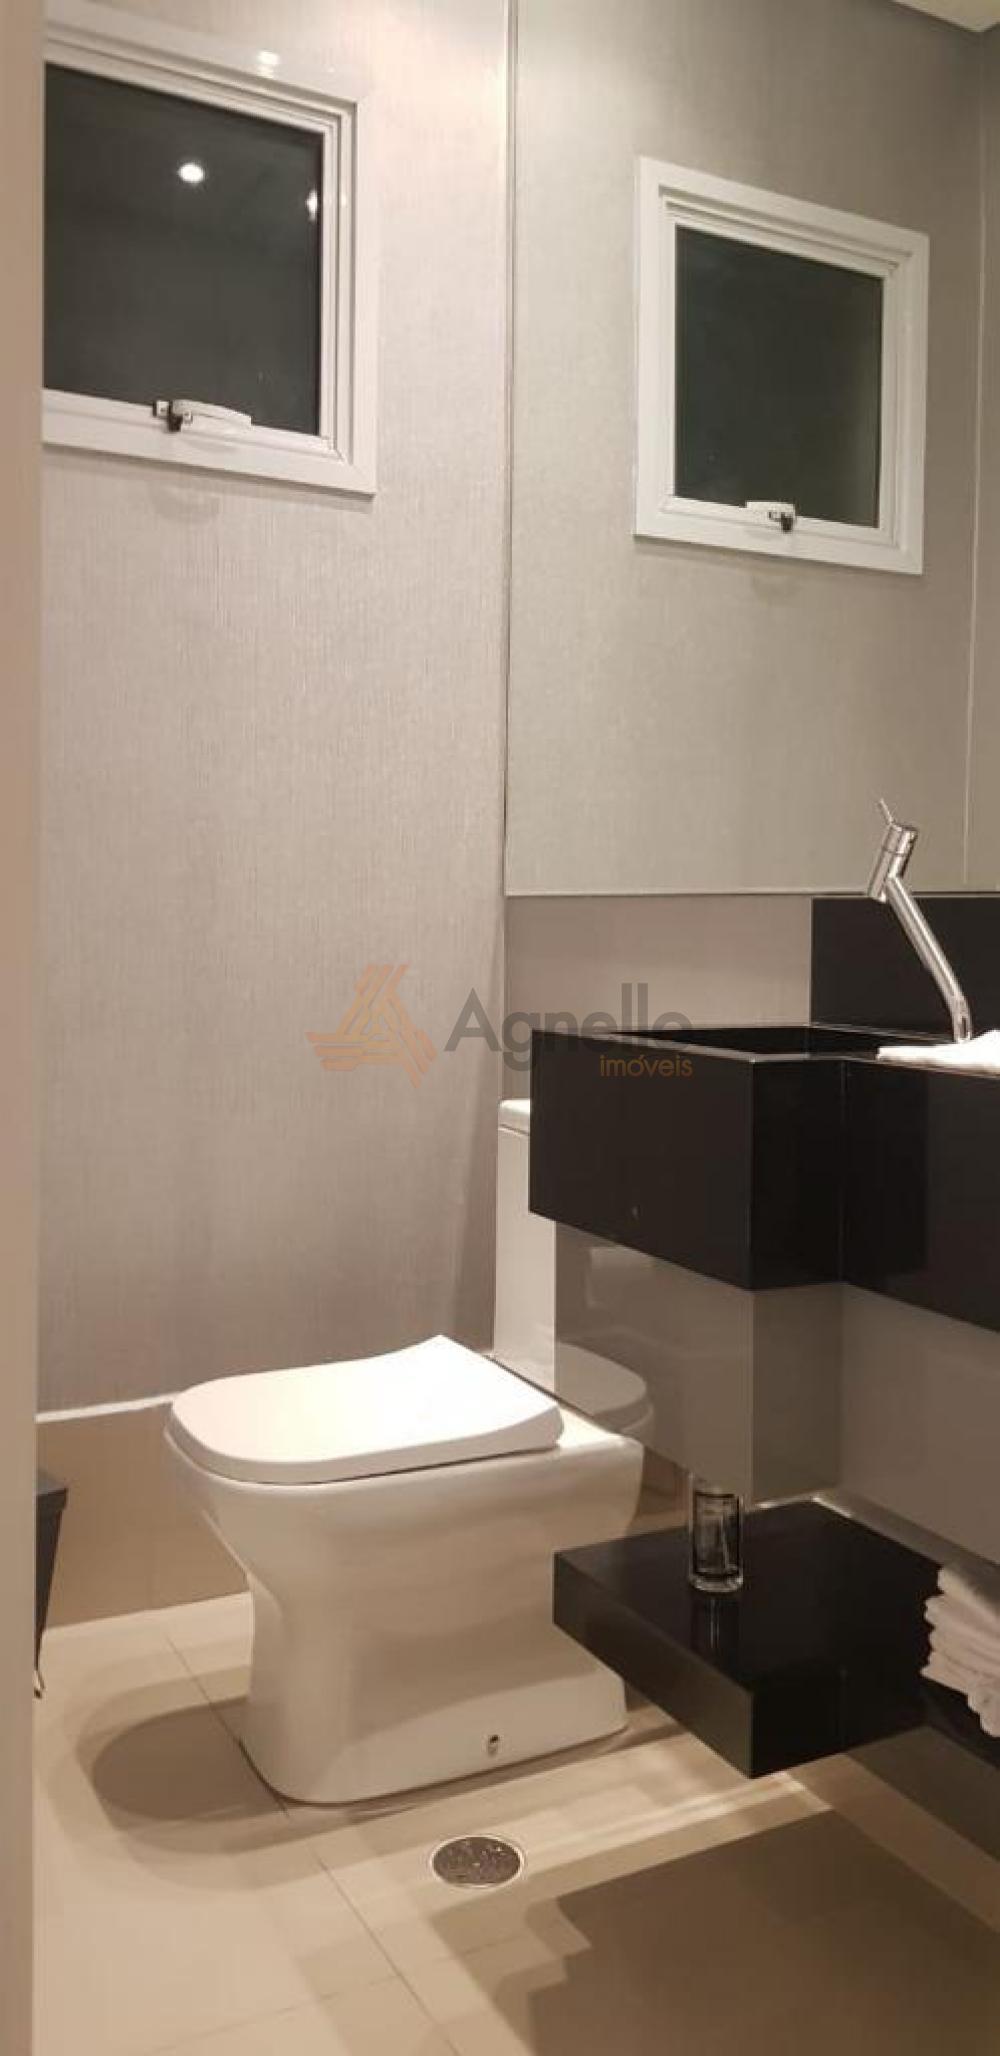 Comprar Apartamento / Padrão em Franca R$ 1.300.000,00 - Foto 10